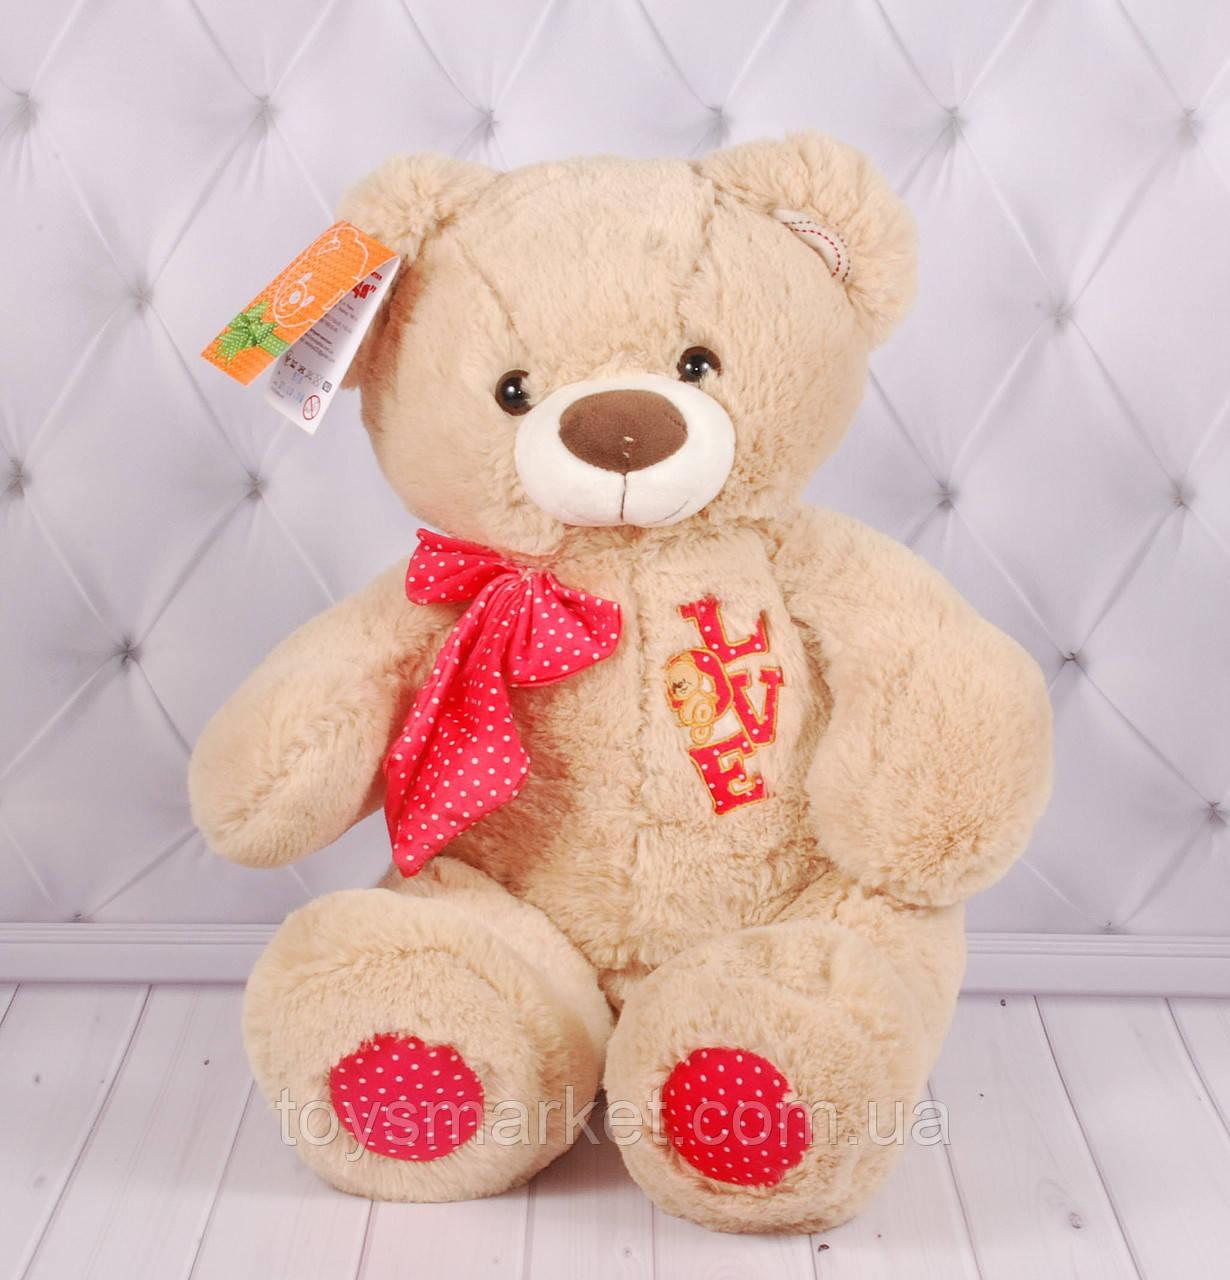 Плюшевый Мишка Бублик 7, мягкая игрушка медведь 60 см, плюшевая игрушка медведь